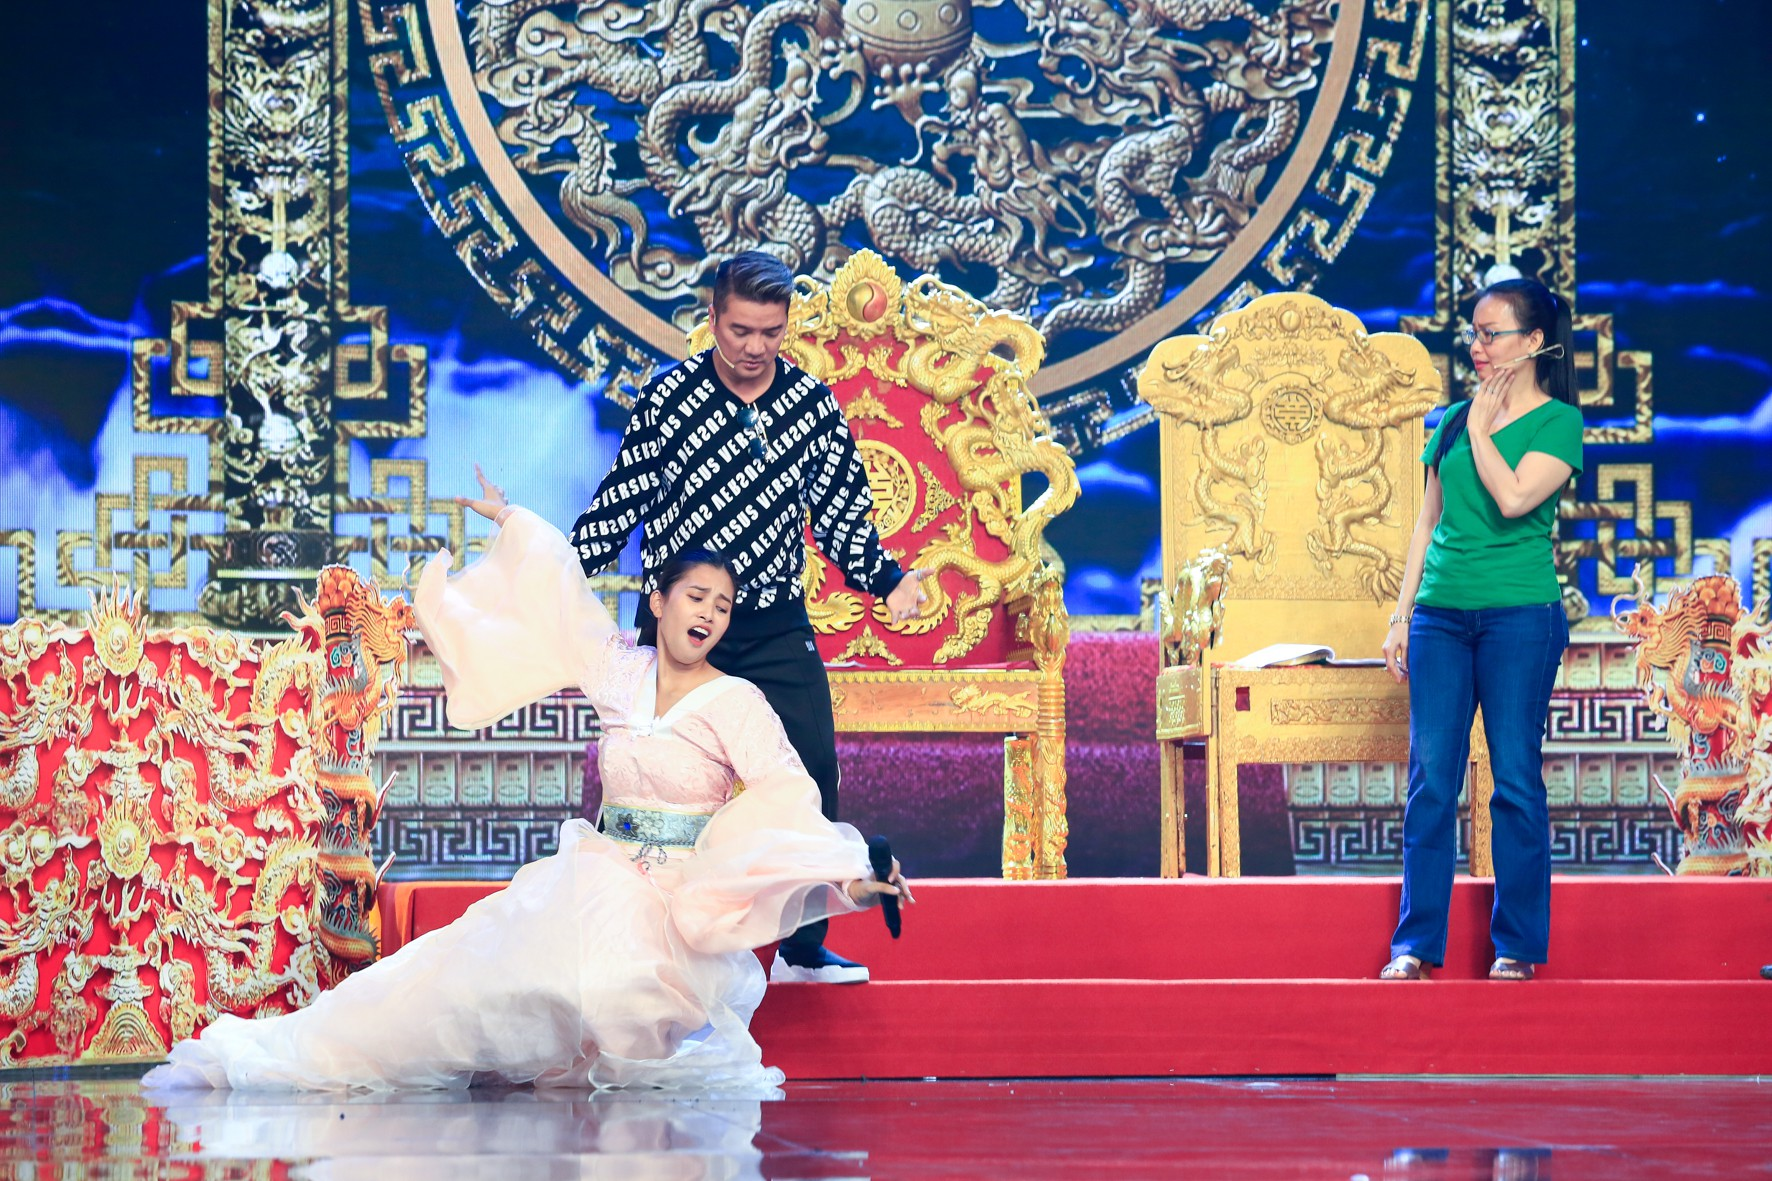 Hoa hậu Tiểu Vy lần đầu thử khả năng diễn xuất, đóng Táo 2019 cùng Mr Đàm, Cẩm Ly - Ảnh 3.